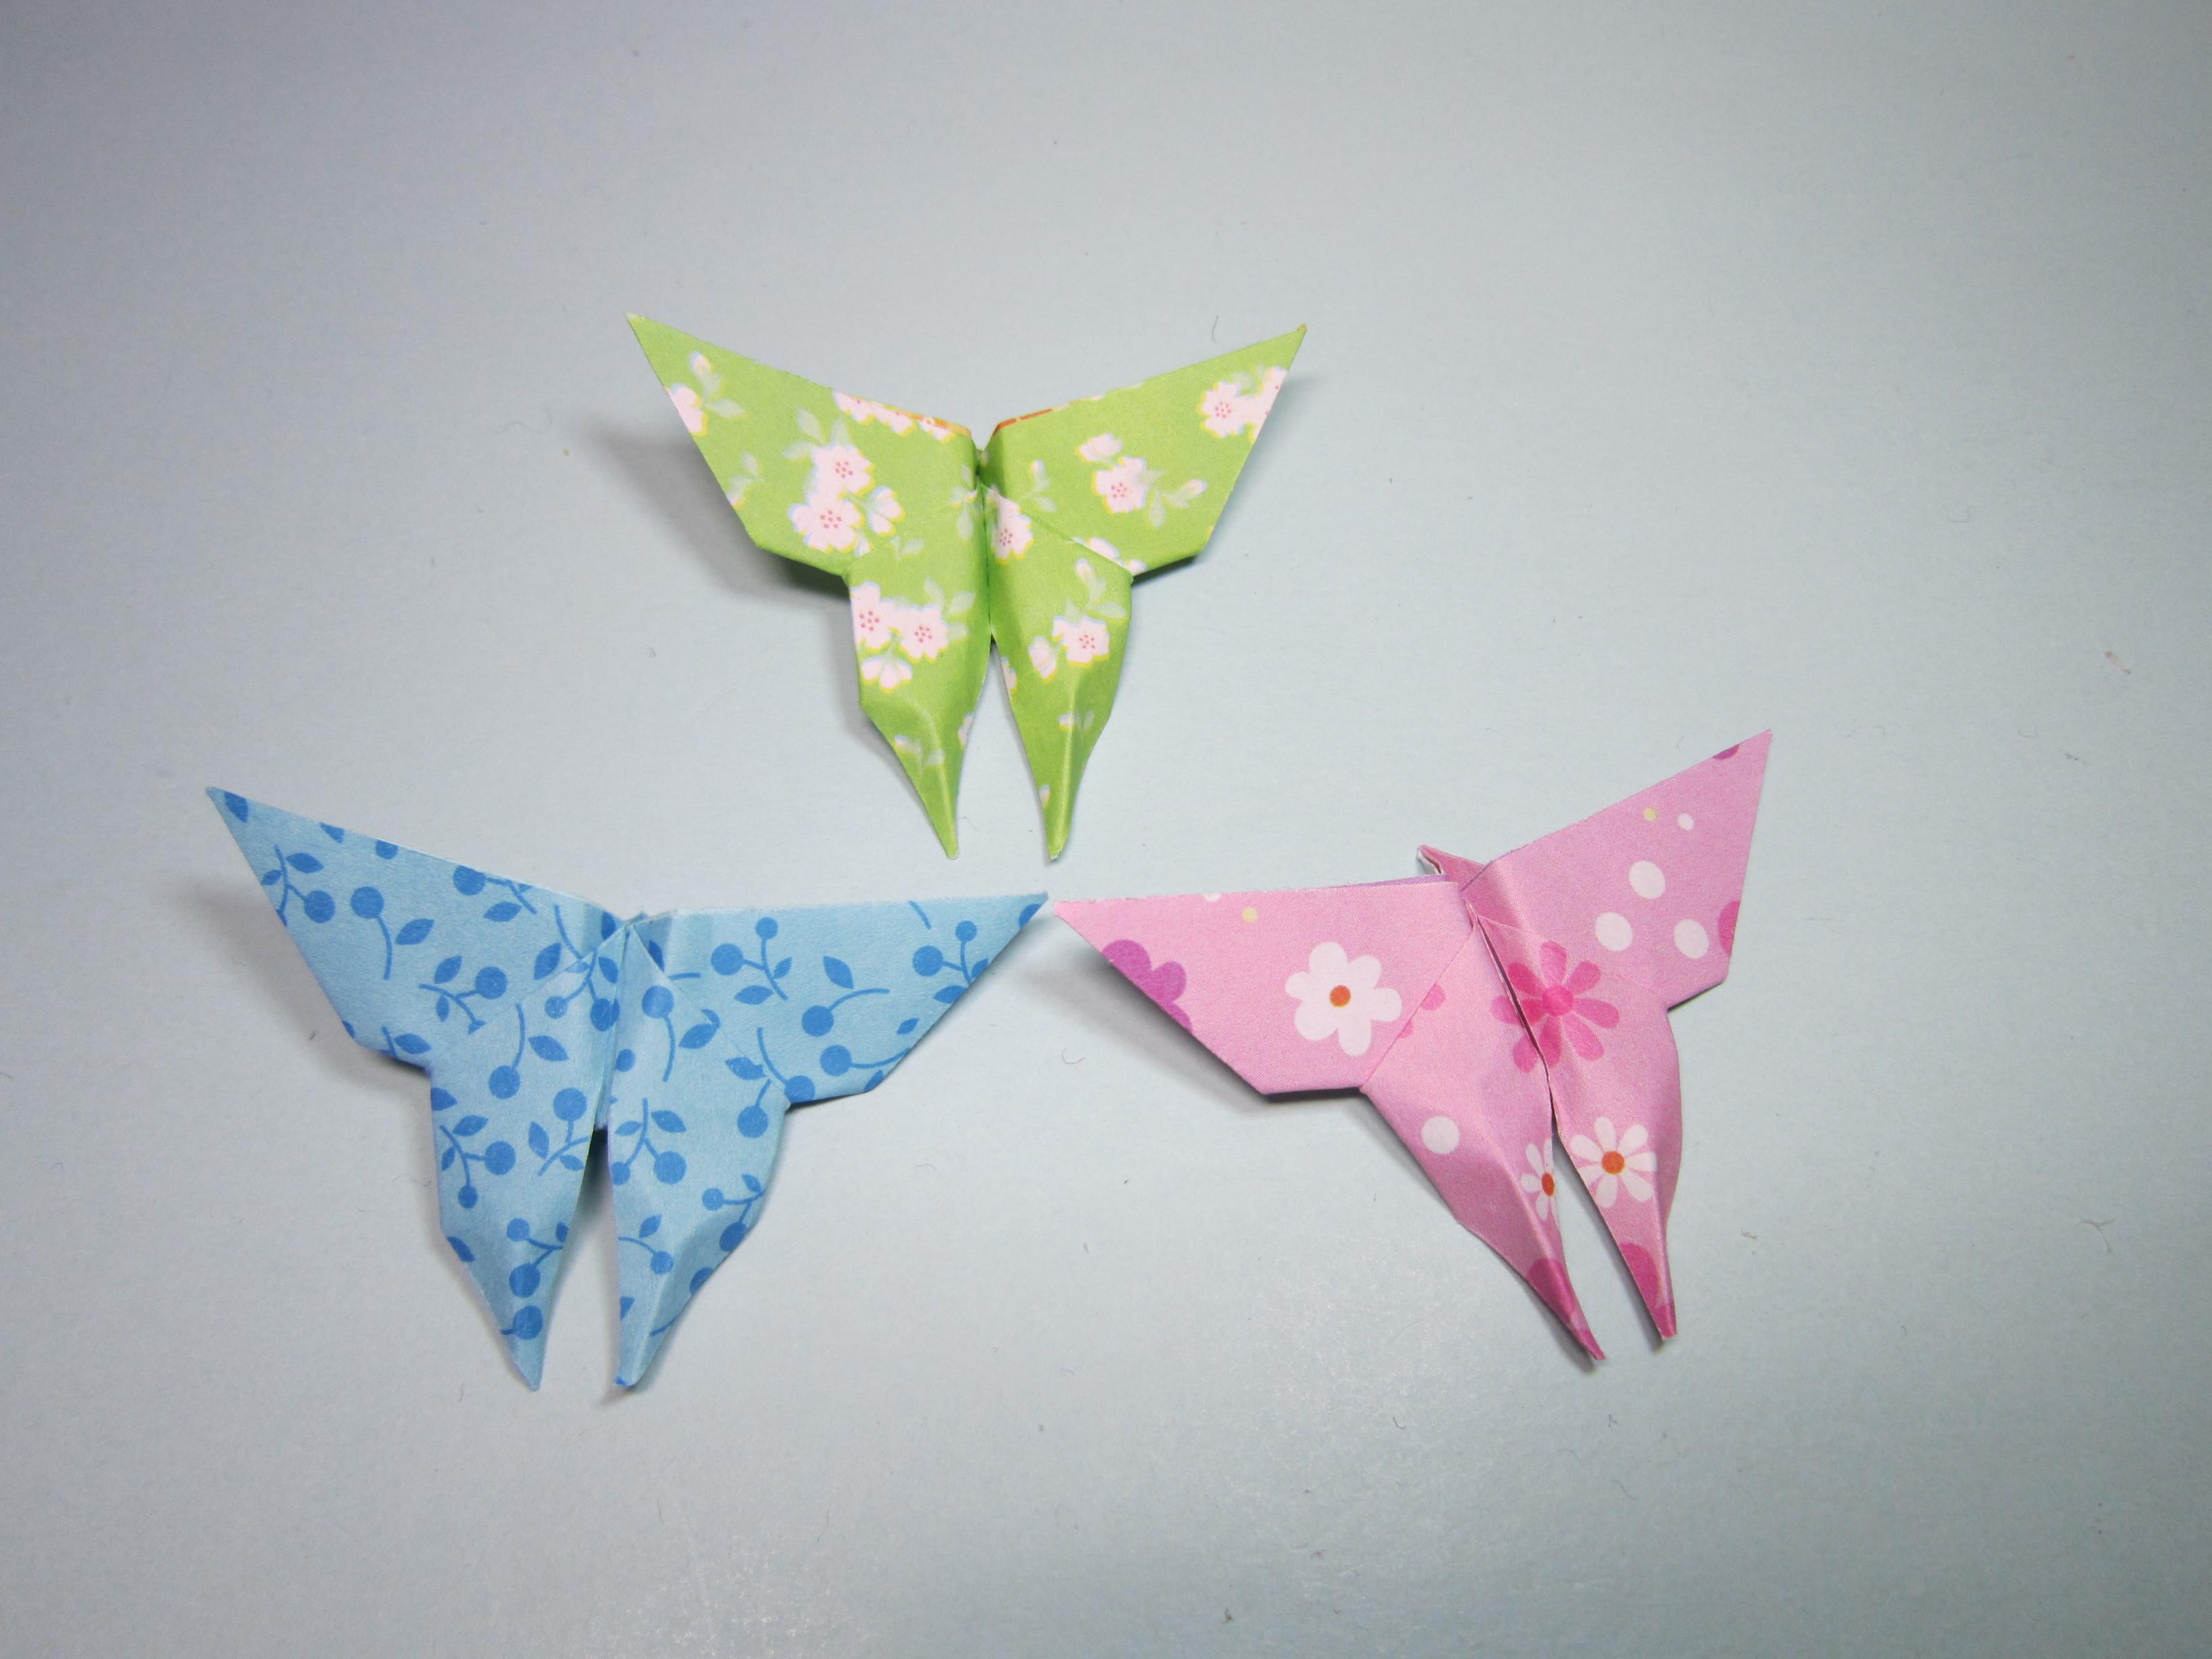 2分钟学会蝴蝶的折法,简单又漂亮的蝴蝶手工折纸教程